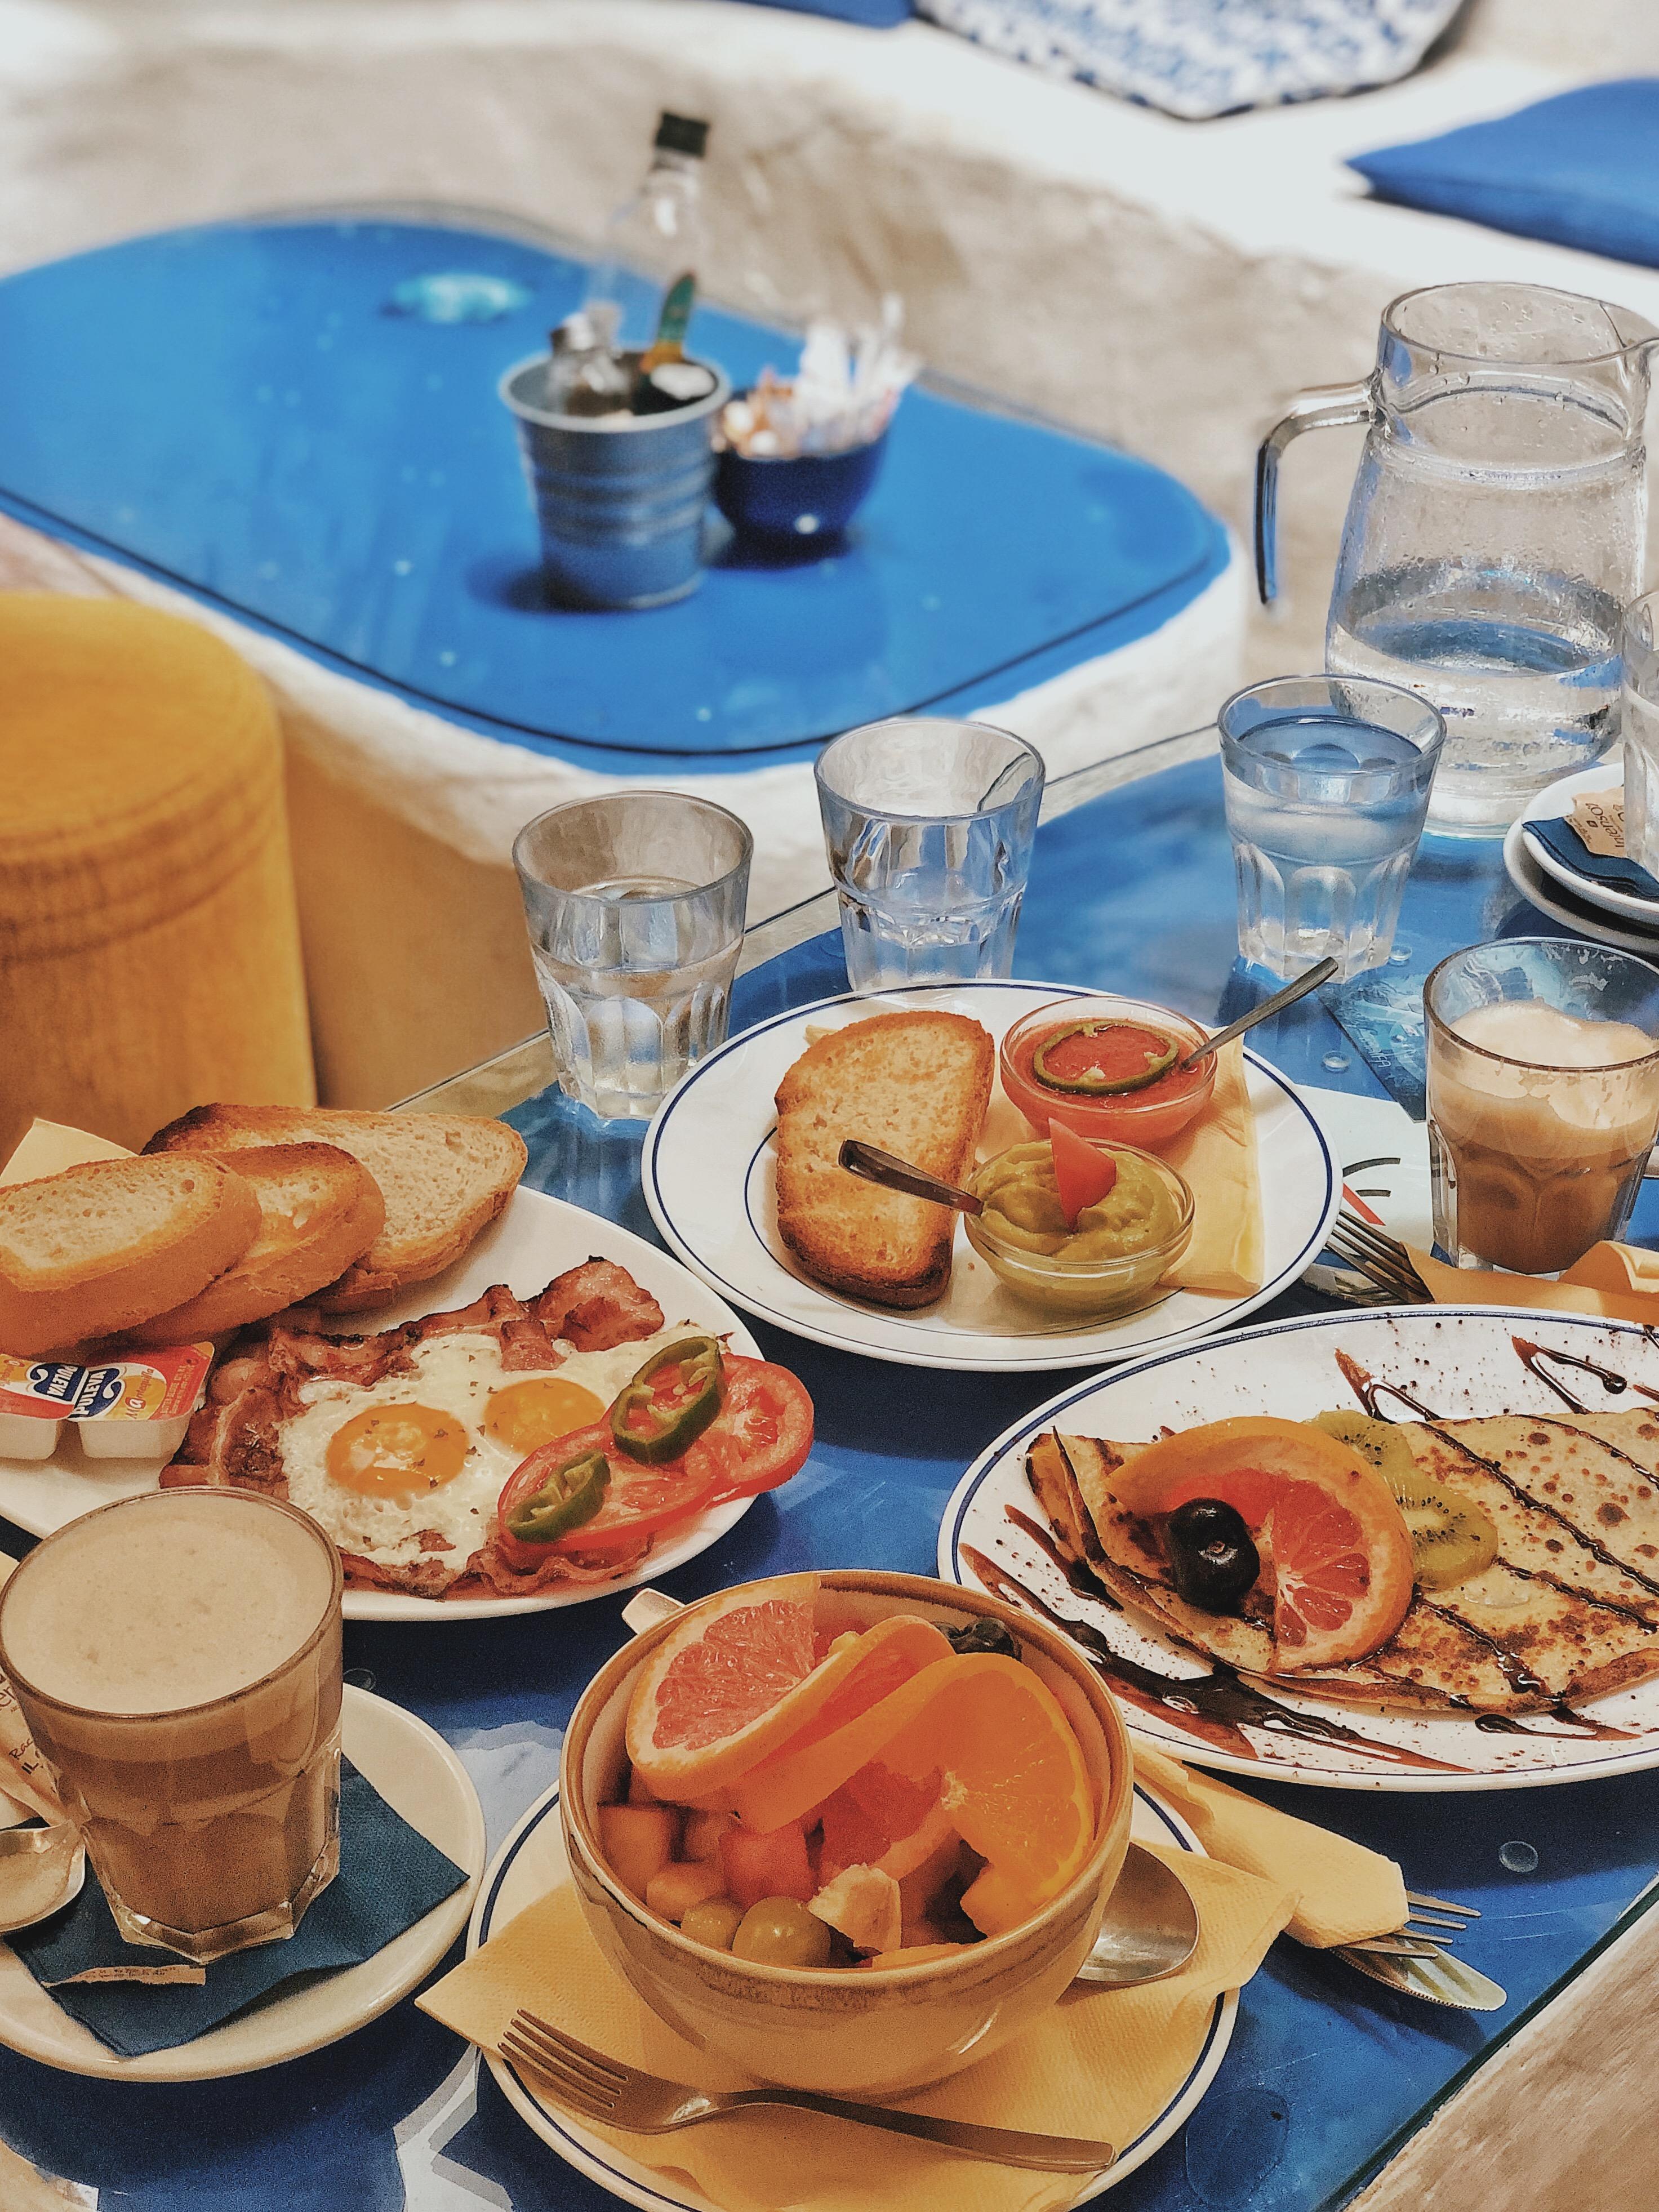 16-el-blog-de-silvia-desayuno-tarifa